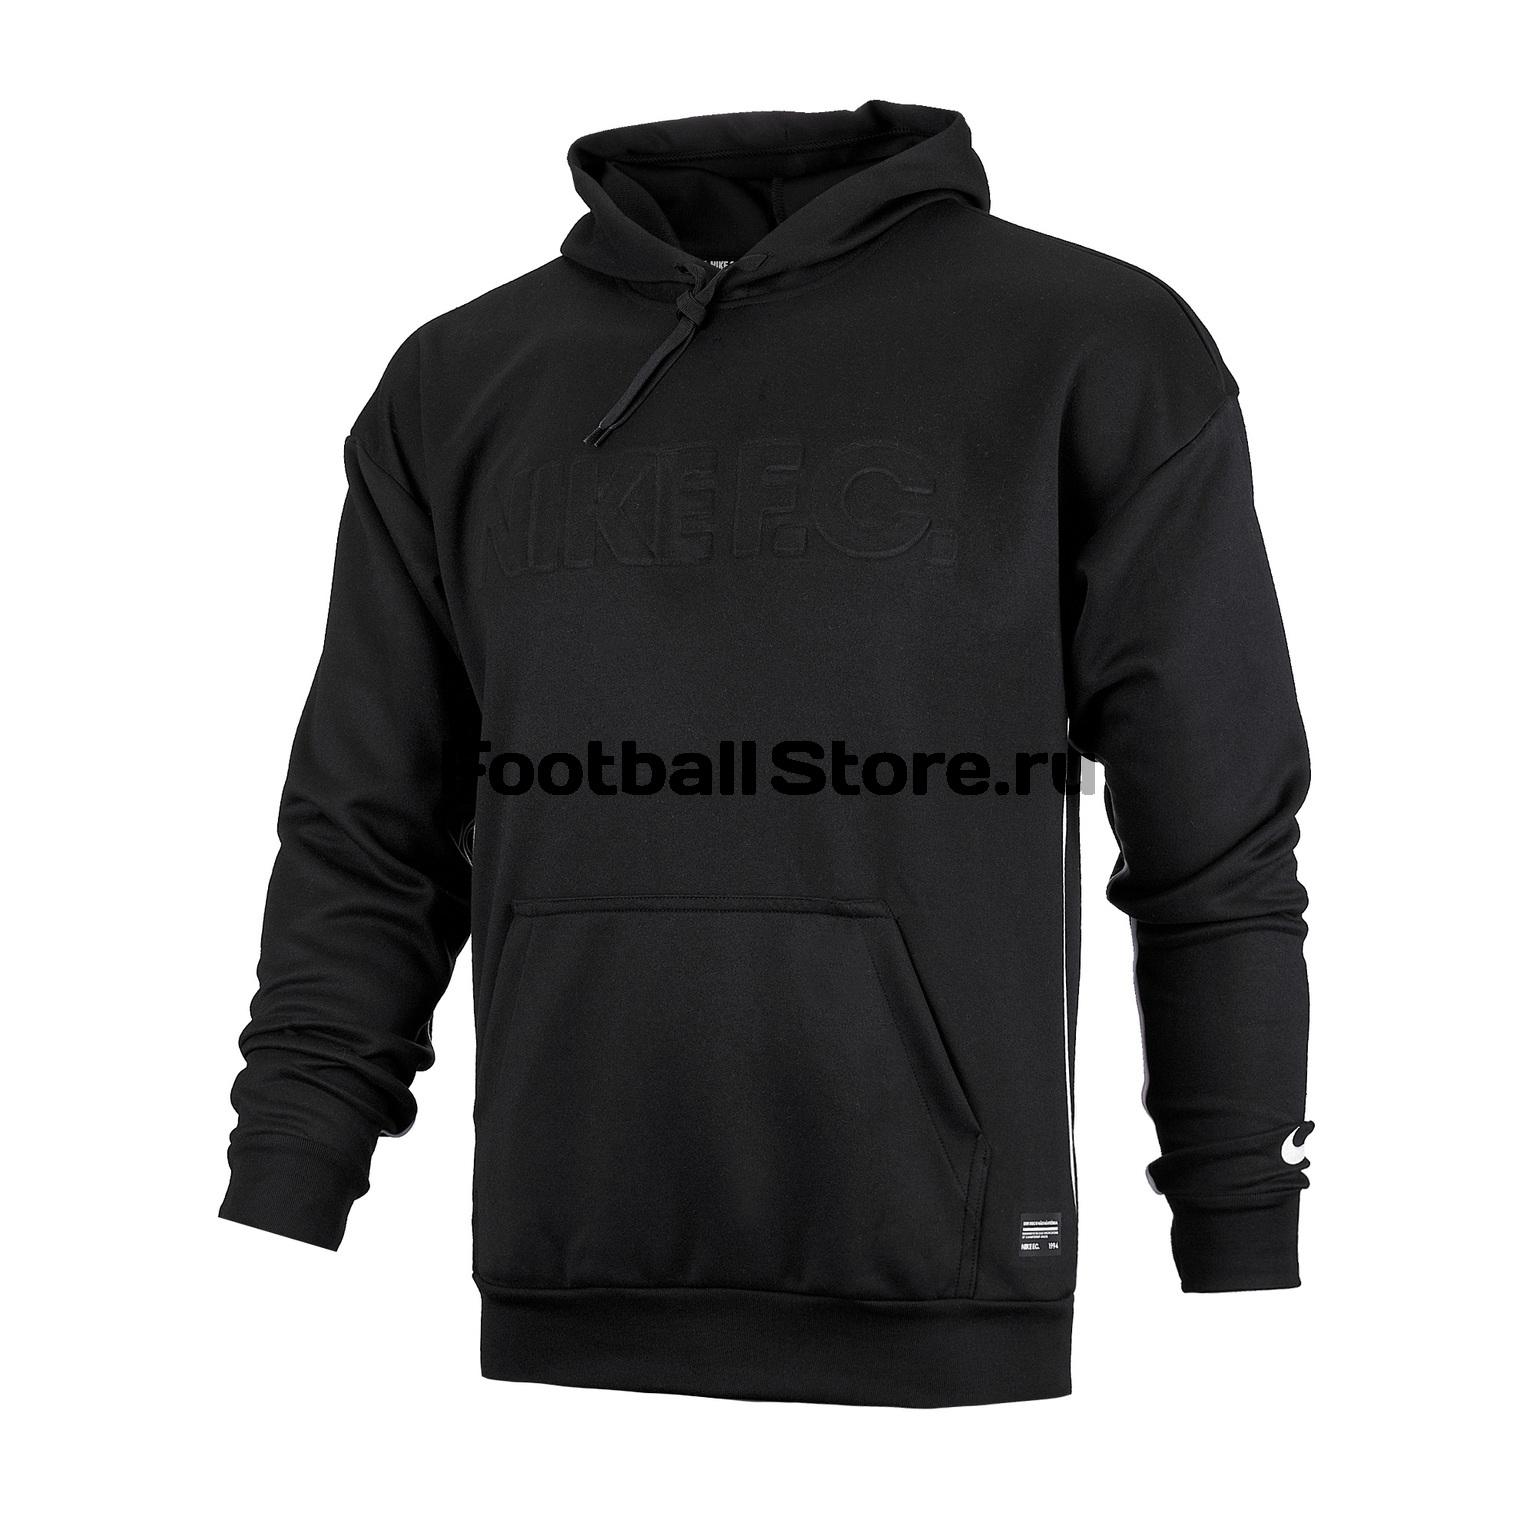 Толстовка Nike F.C. AR8002-010 толстовка nike sportswear hoodie 928719 010